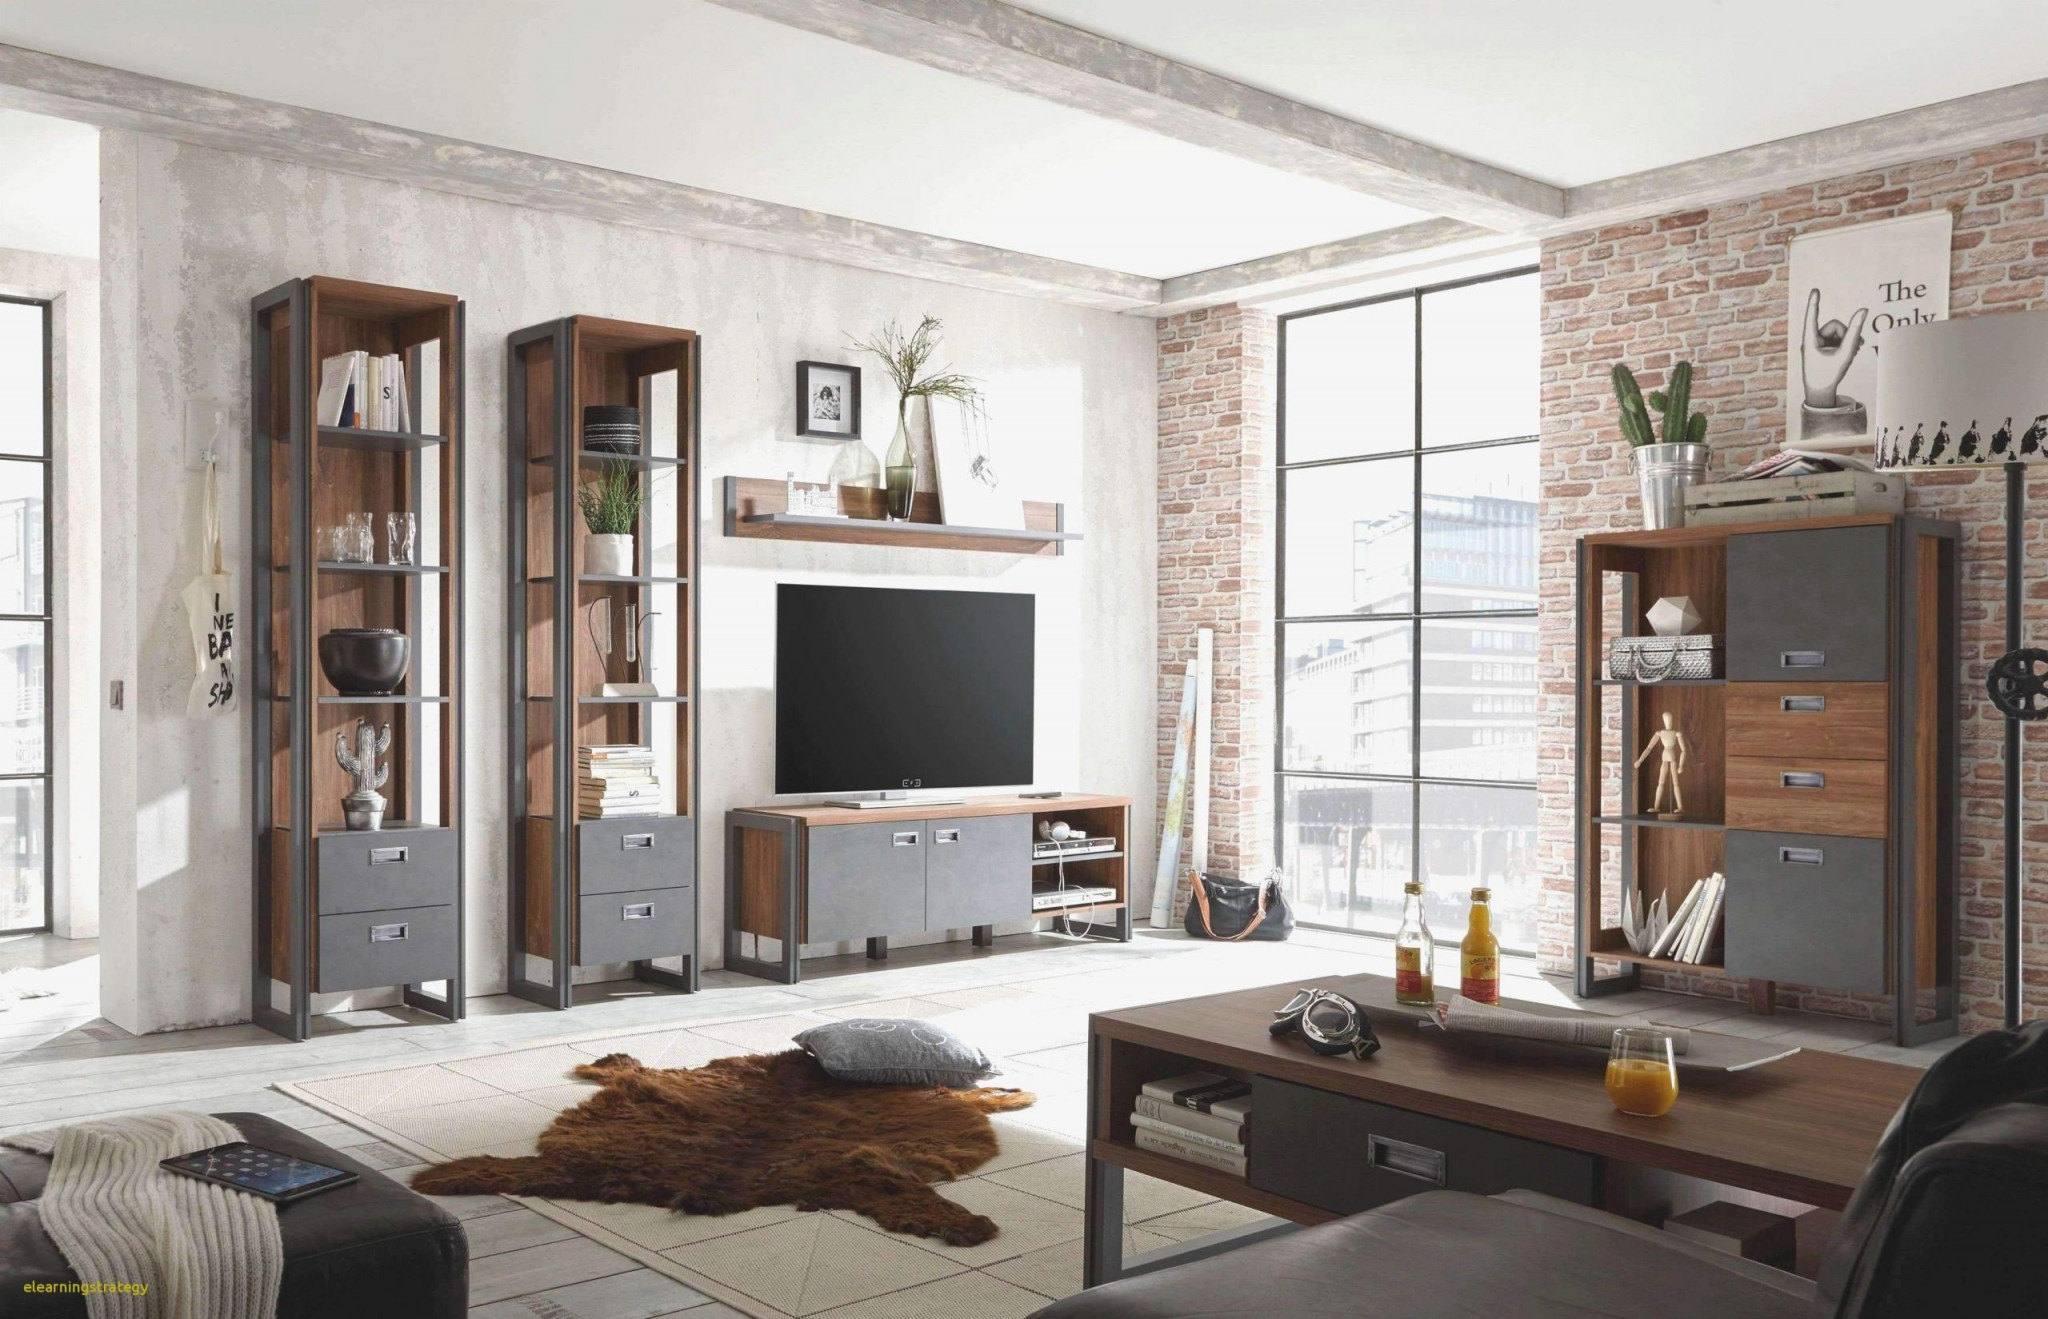 Wohnzimmer Vintage Inspirierend Wohnzimmer Vintage Ideen Der von Retro Wohnzimmer Ideen Photo